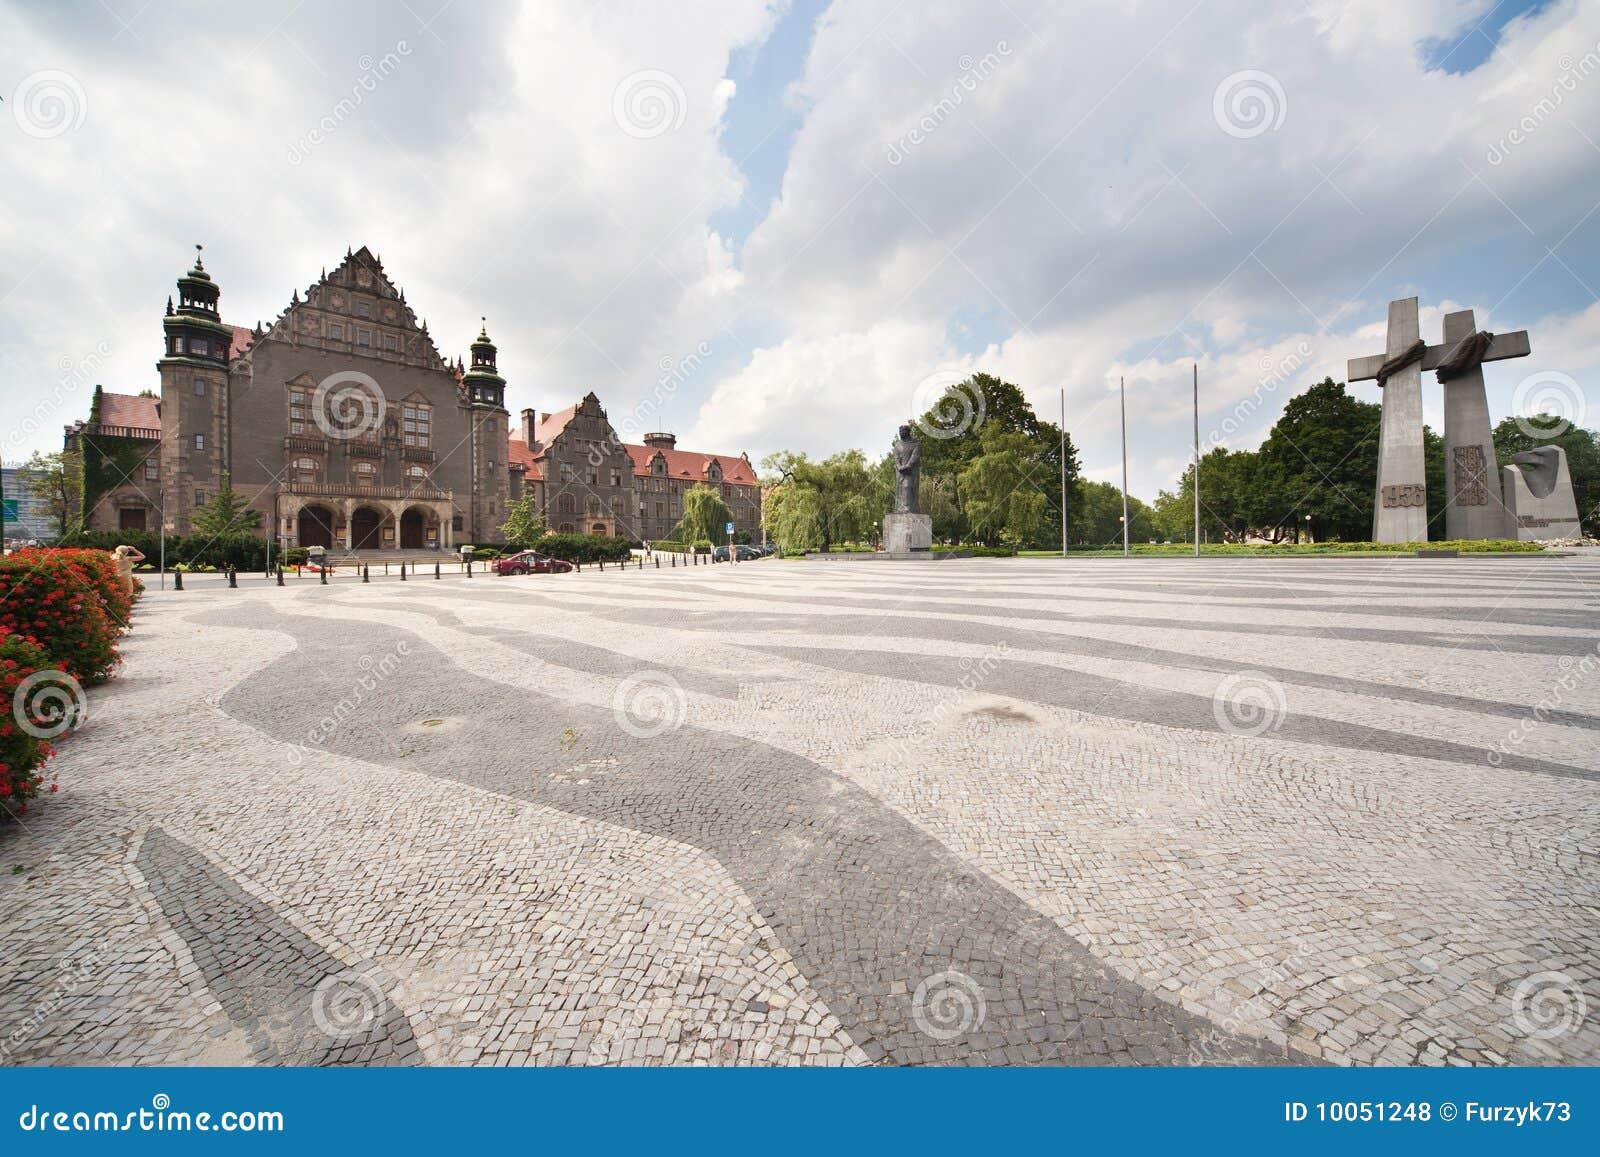 UAM - Universidade de Adam Mickiewicz em Poznan